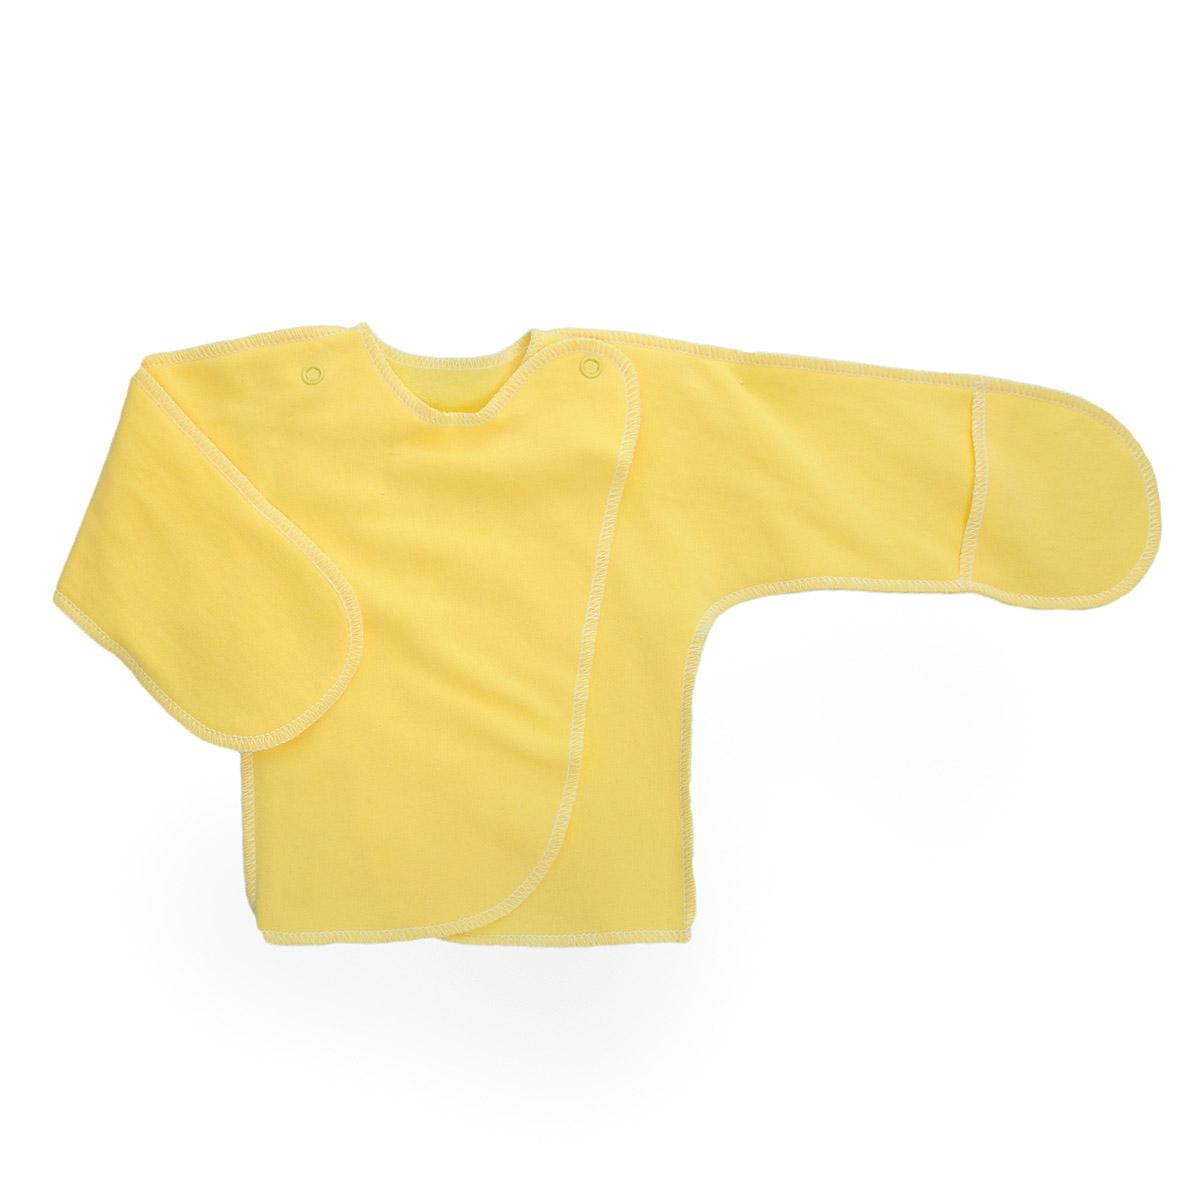 Распашонка Трон-Плюс, цвет: желтый. 5023. Размер 62, 3 месяца5023Распашонка с закрытыми ручками Трон-плюс послужит идеальным дополнением к гардеробу младенца. Распашонка, выполненная швами наружу, изготовлена из футера - натурального плотного хлопка, благодаря чему она необычайно мягкая, легкая и теплая, не раздражает нежную кожу ребенка и хорошо вентилируется, а эластичные швы приятны телу младенца и не препятствуют его движениям. Распашонка с запахом, застегивается при помощи двух кнопок на плечах, которые позволяют без труда переодеть ребенка. Благодаря рукавичкам ребенок не поцарапает себя.